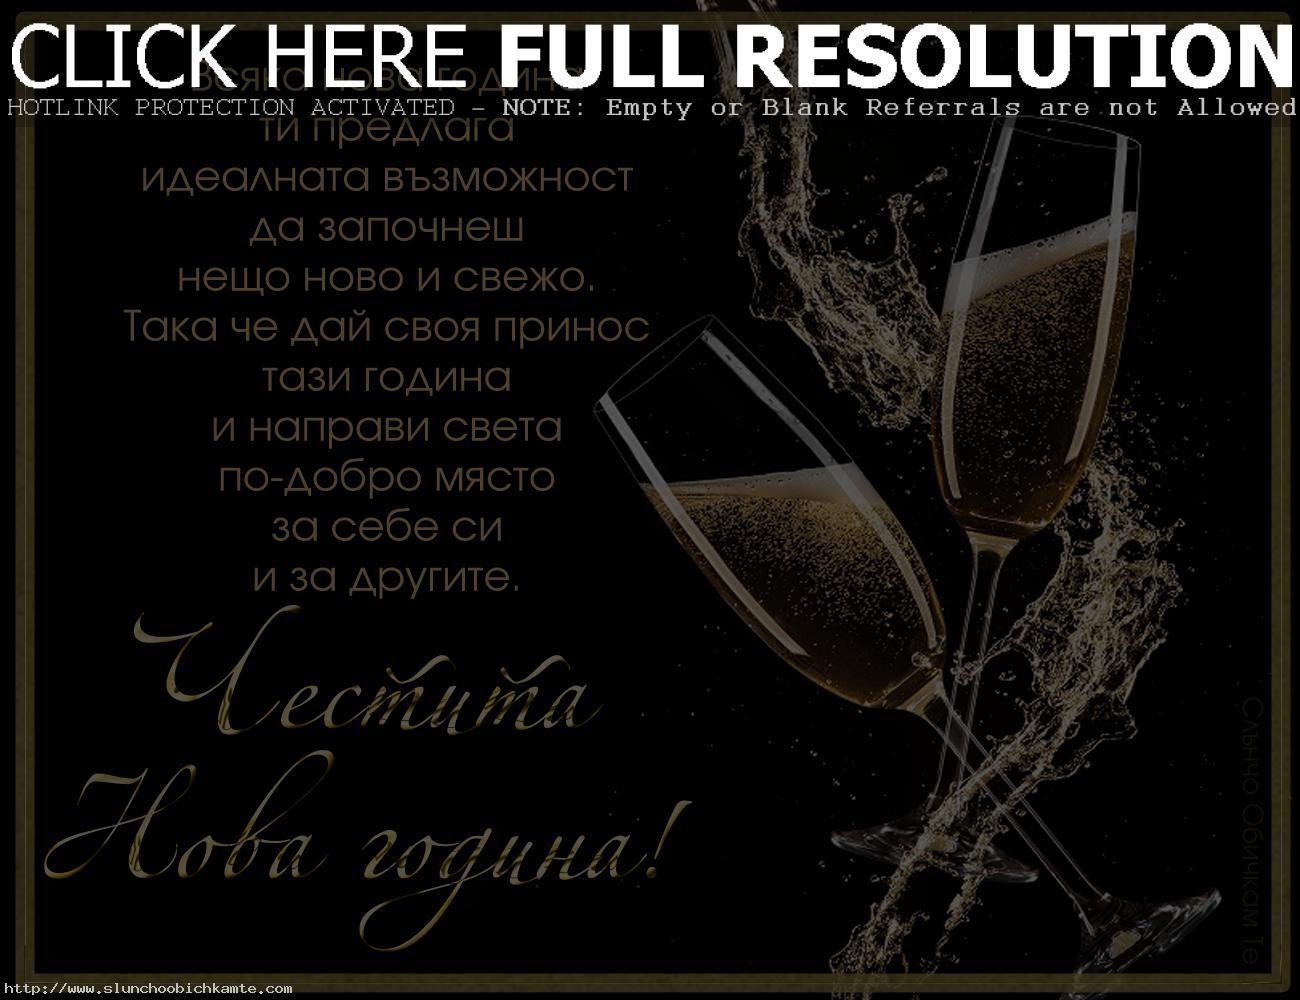 Честита нова година, картички за нова година, пожелания за нова година, 2021 година, за много години, щастлива нова година